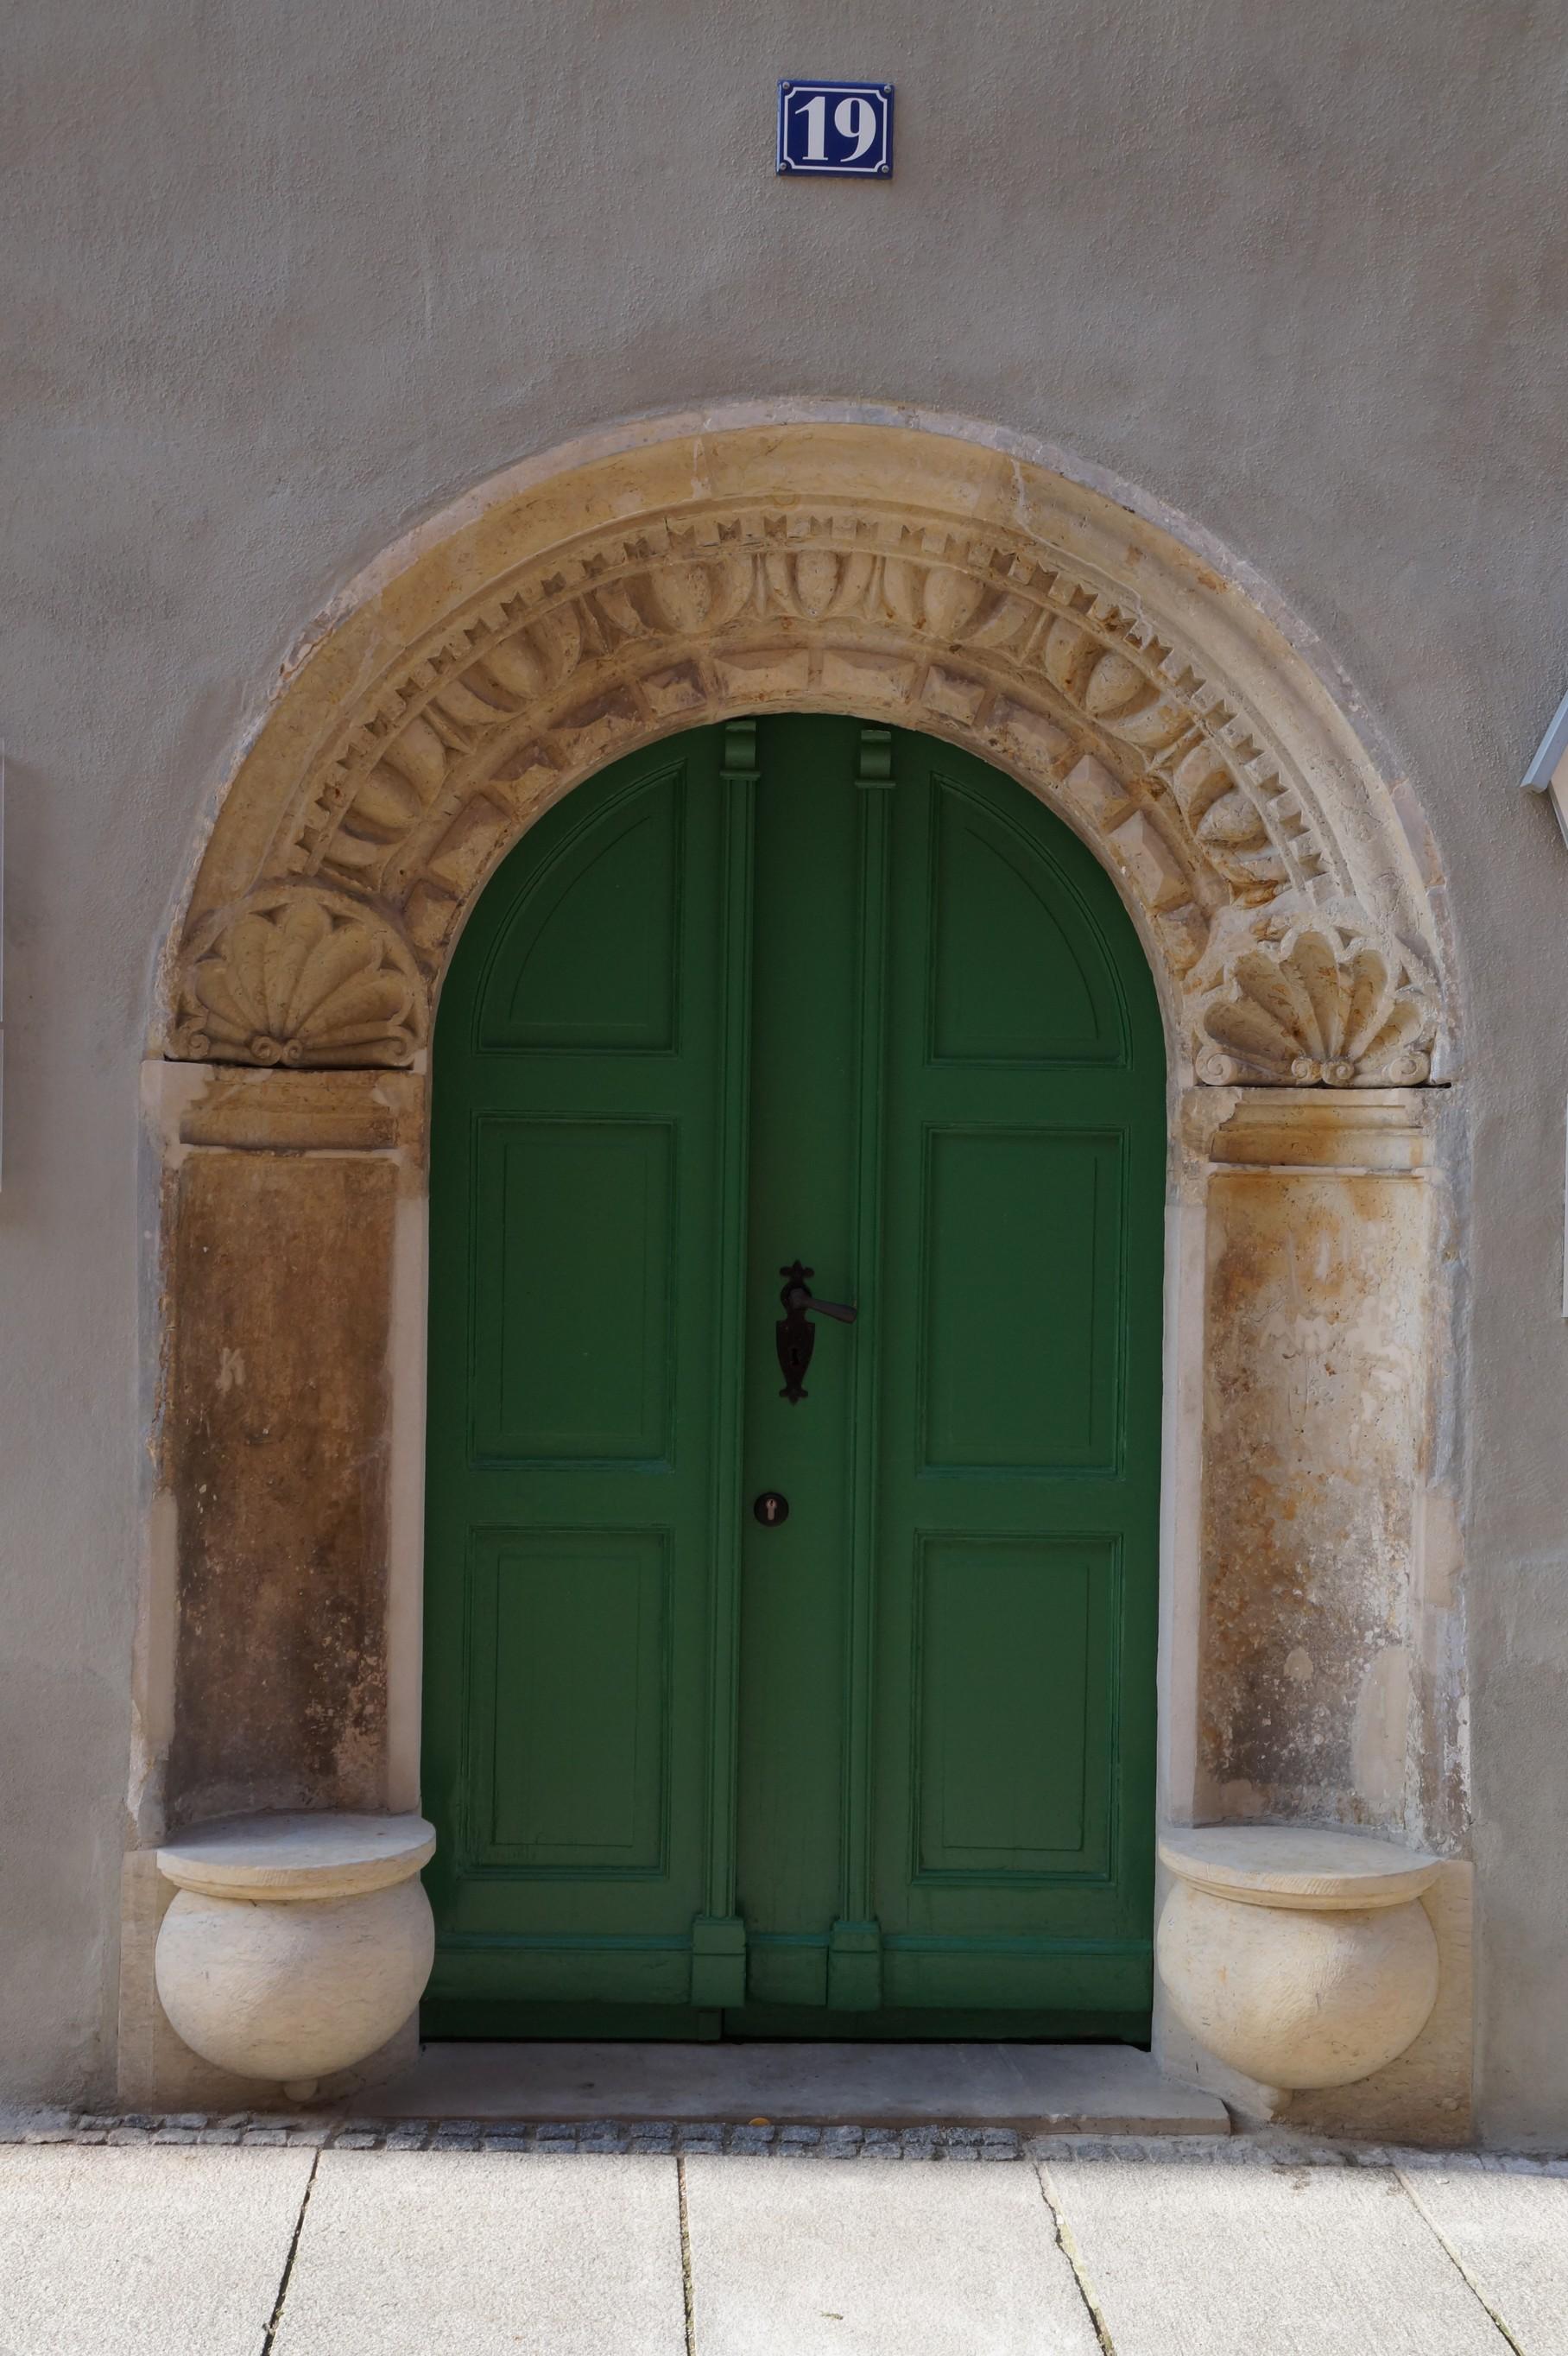 Eingangstür mit Renaissance-Fassade und Sitzportal